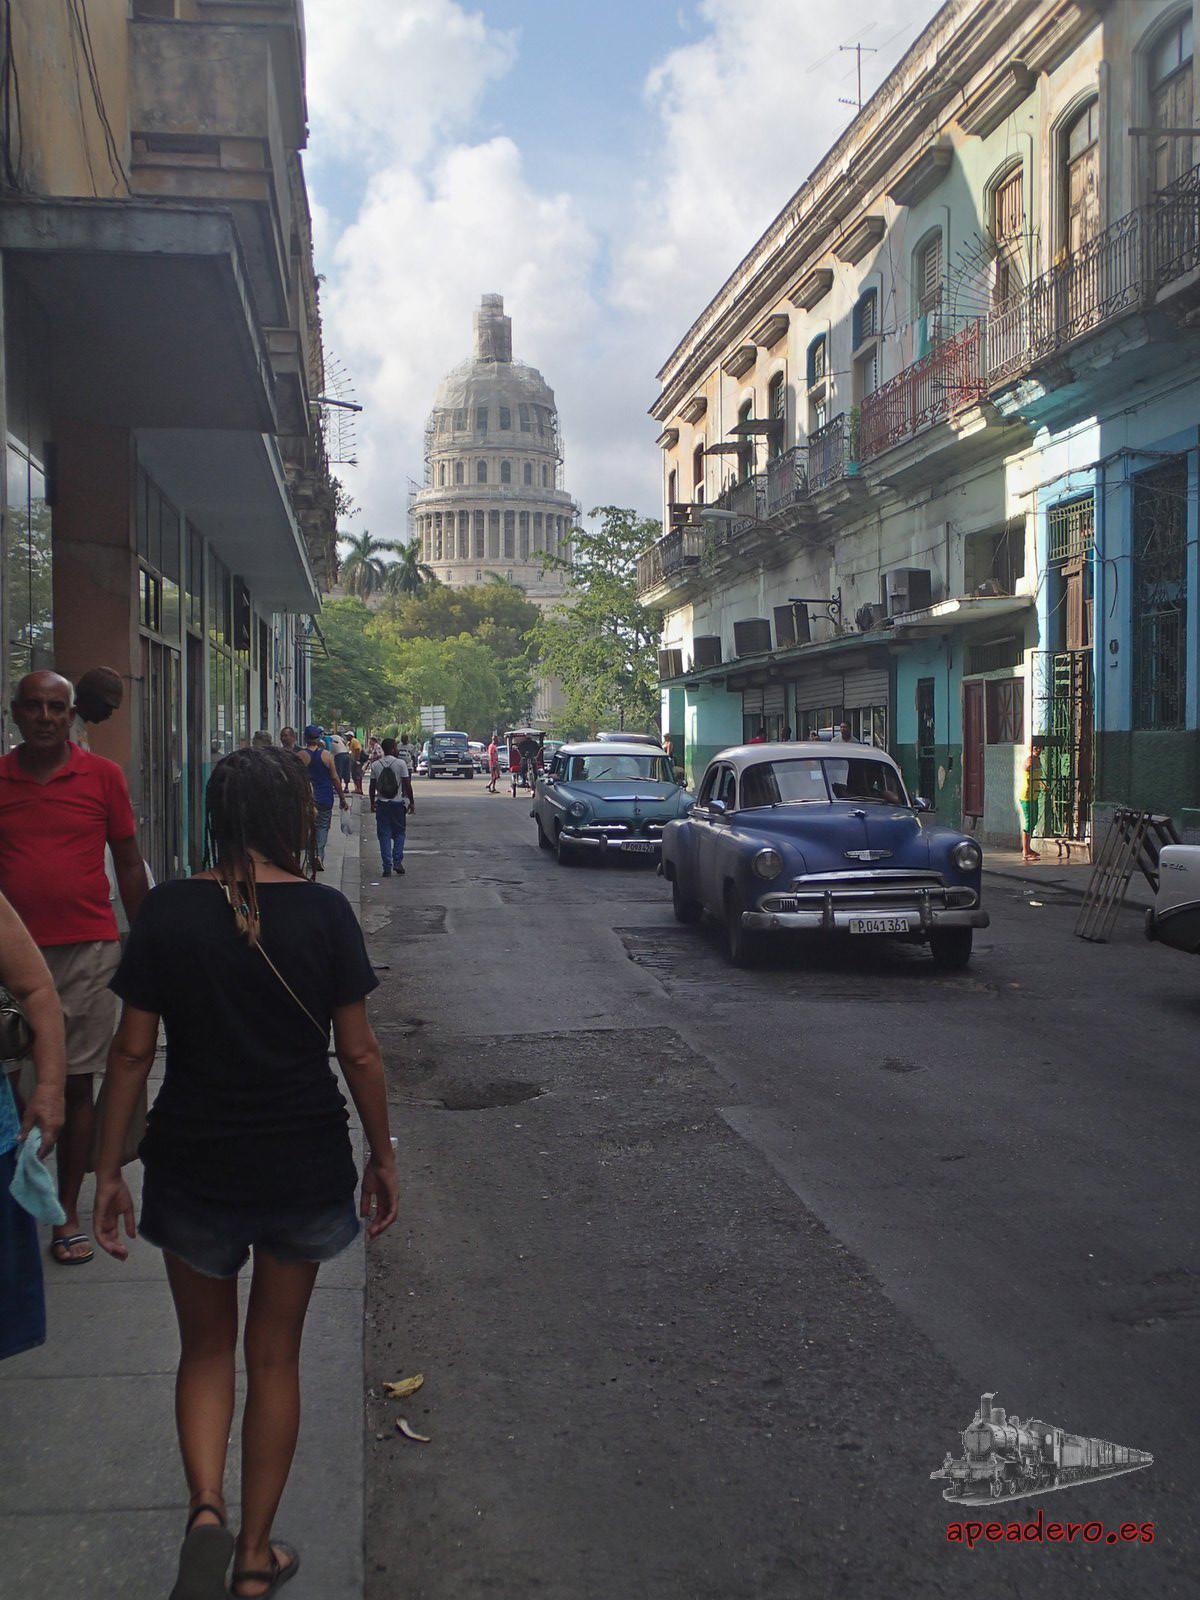 Tras visitar la Habana vieja nos encaminamos al Capitolio para tomar un autobús.